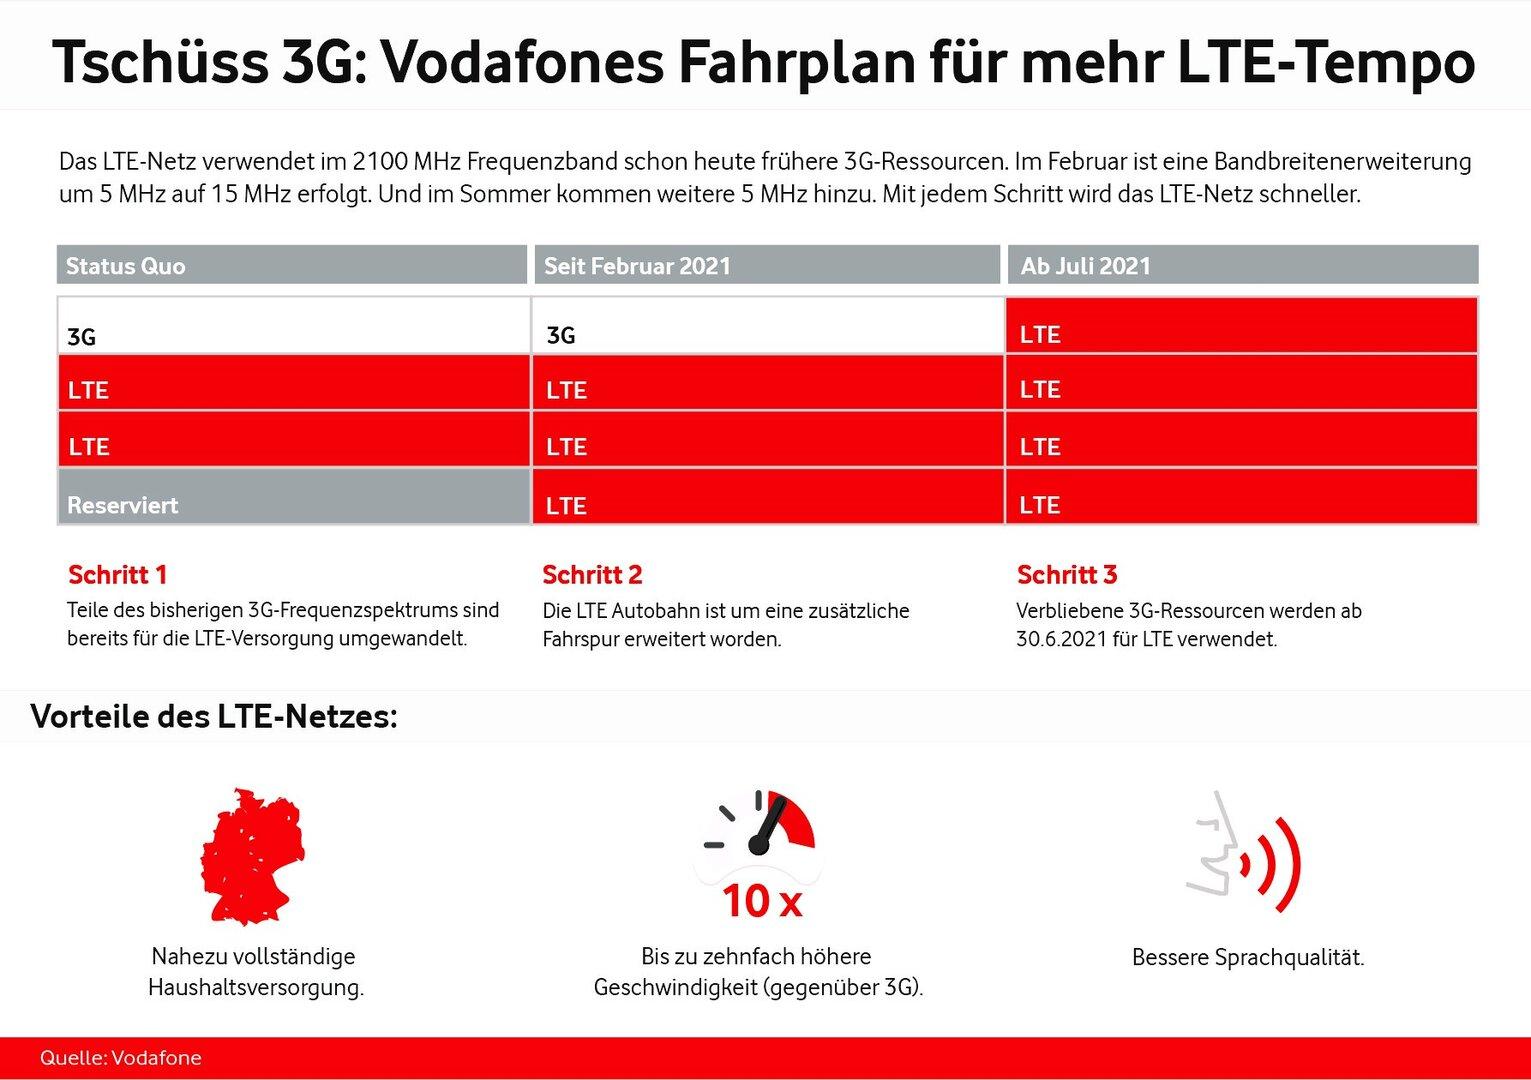 Aktuell 3 × 5MHz im Frequenzband 2.100MHz für LTE, ab Sommer 4 × 5MHz